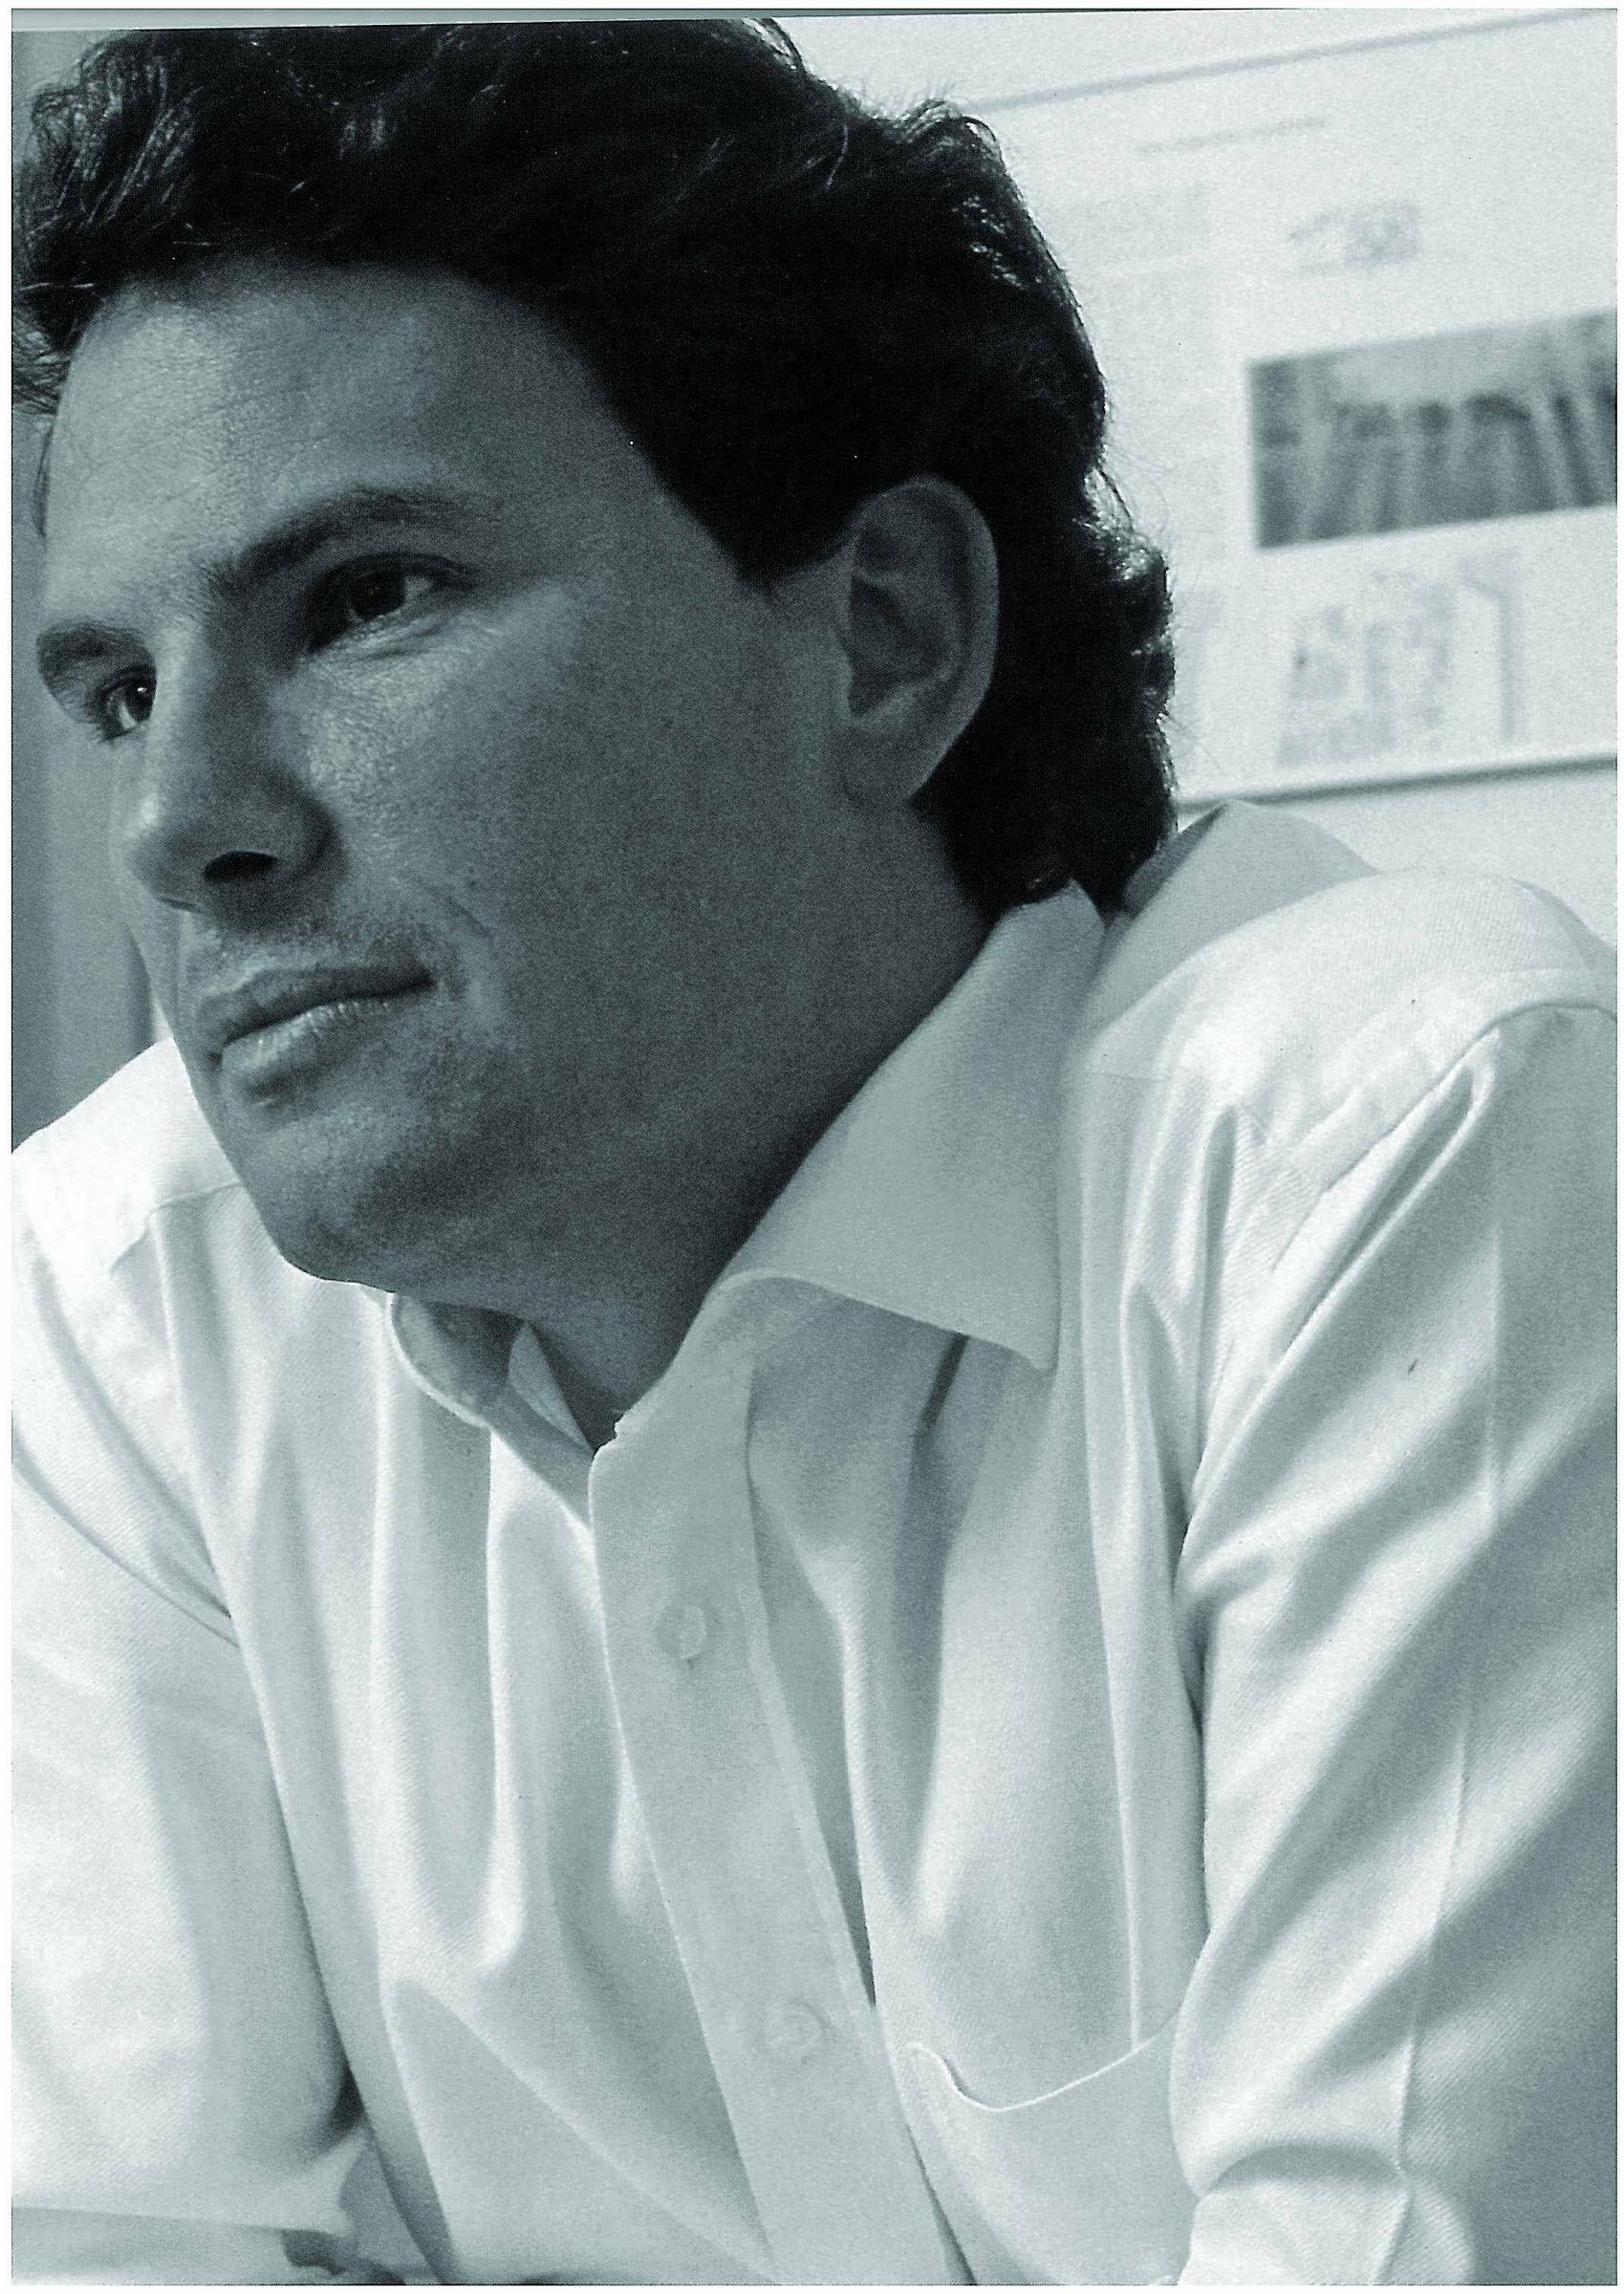 Ricardo Vieira de Melo